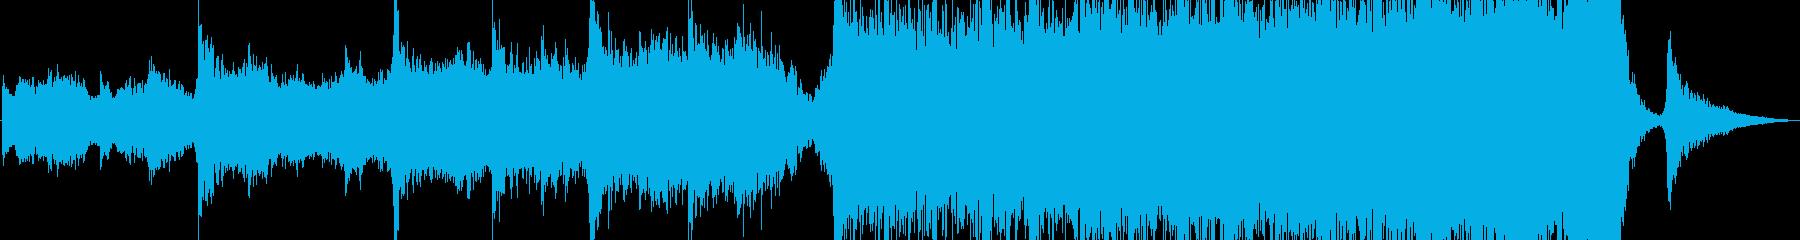 美しい映画のサウンドトラックの再生済みの波形